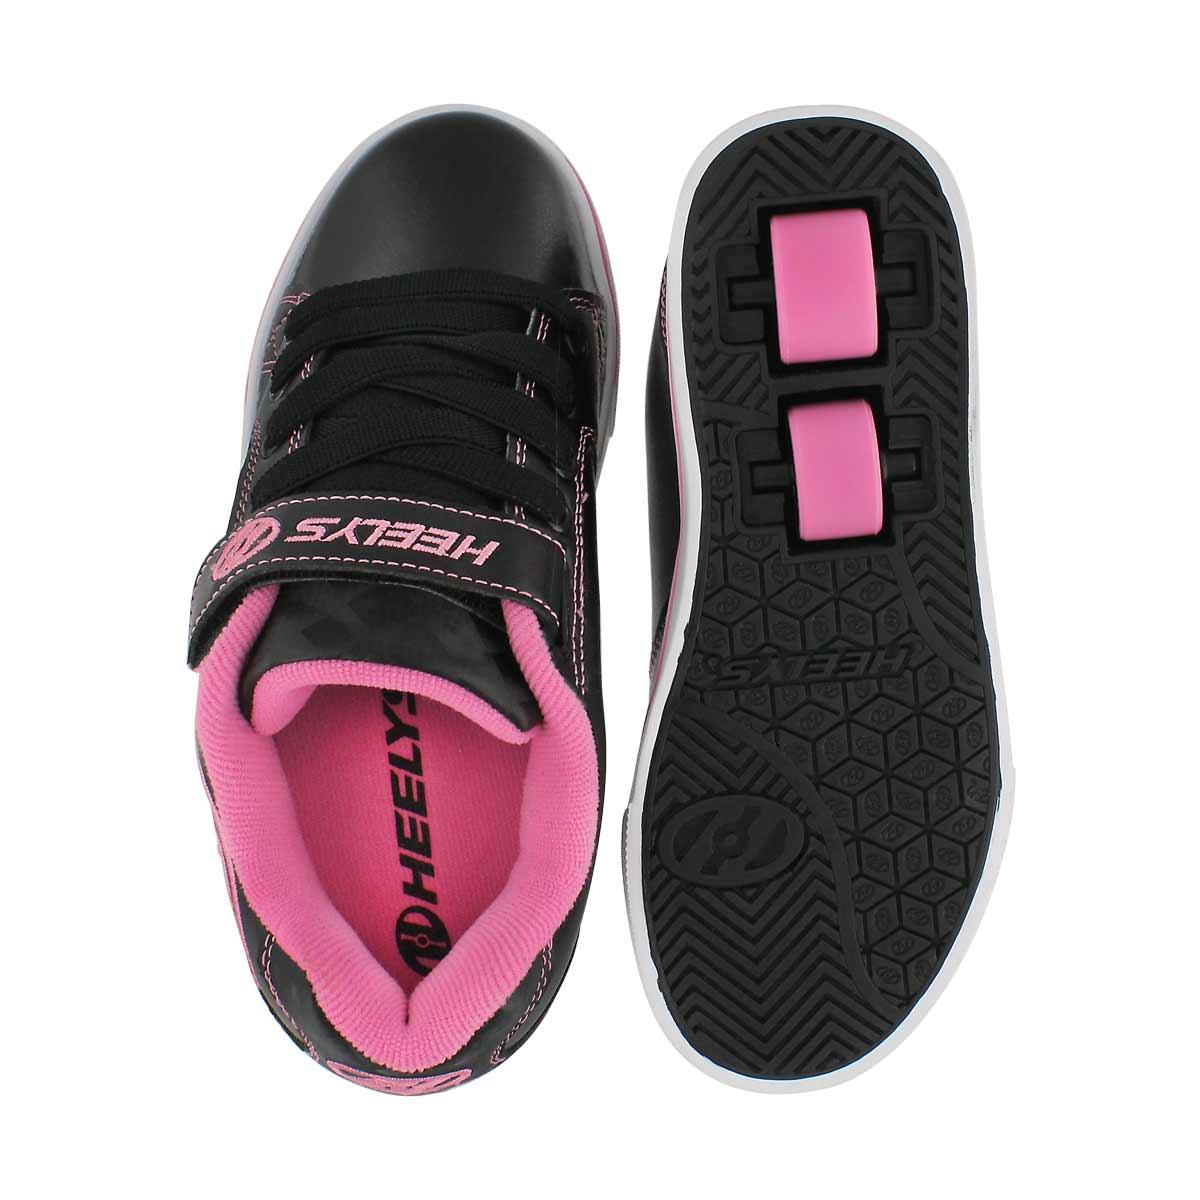 Grls Vopel x2 black/pink skate sneaker